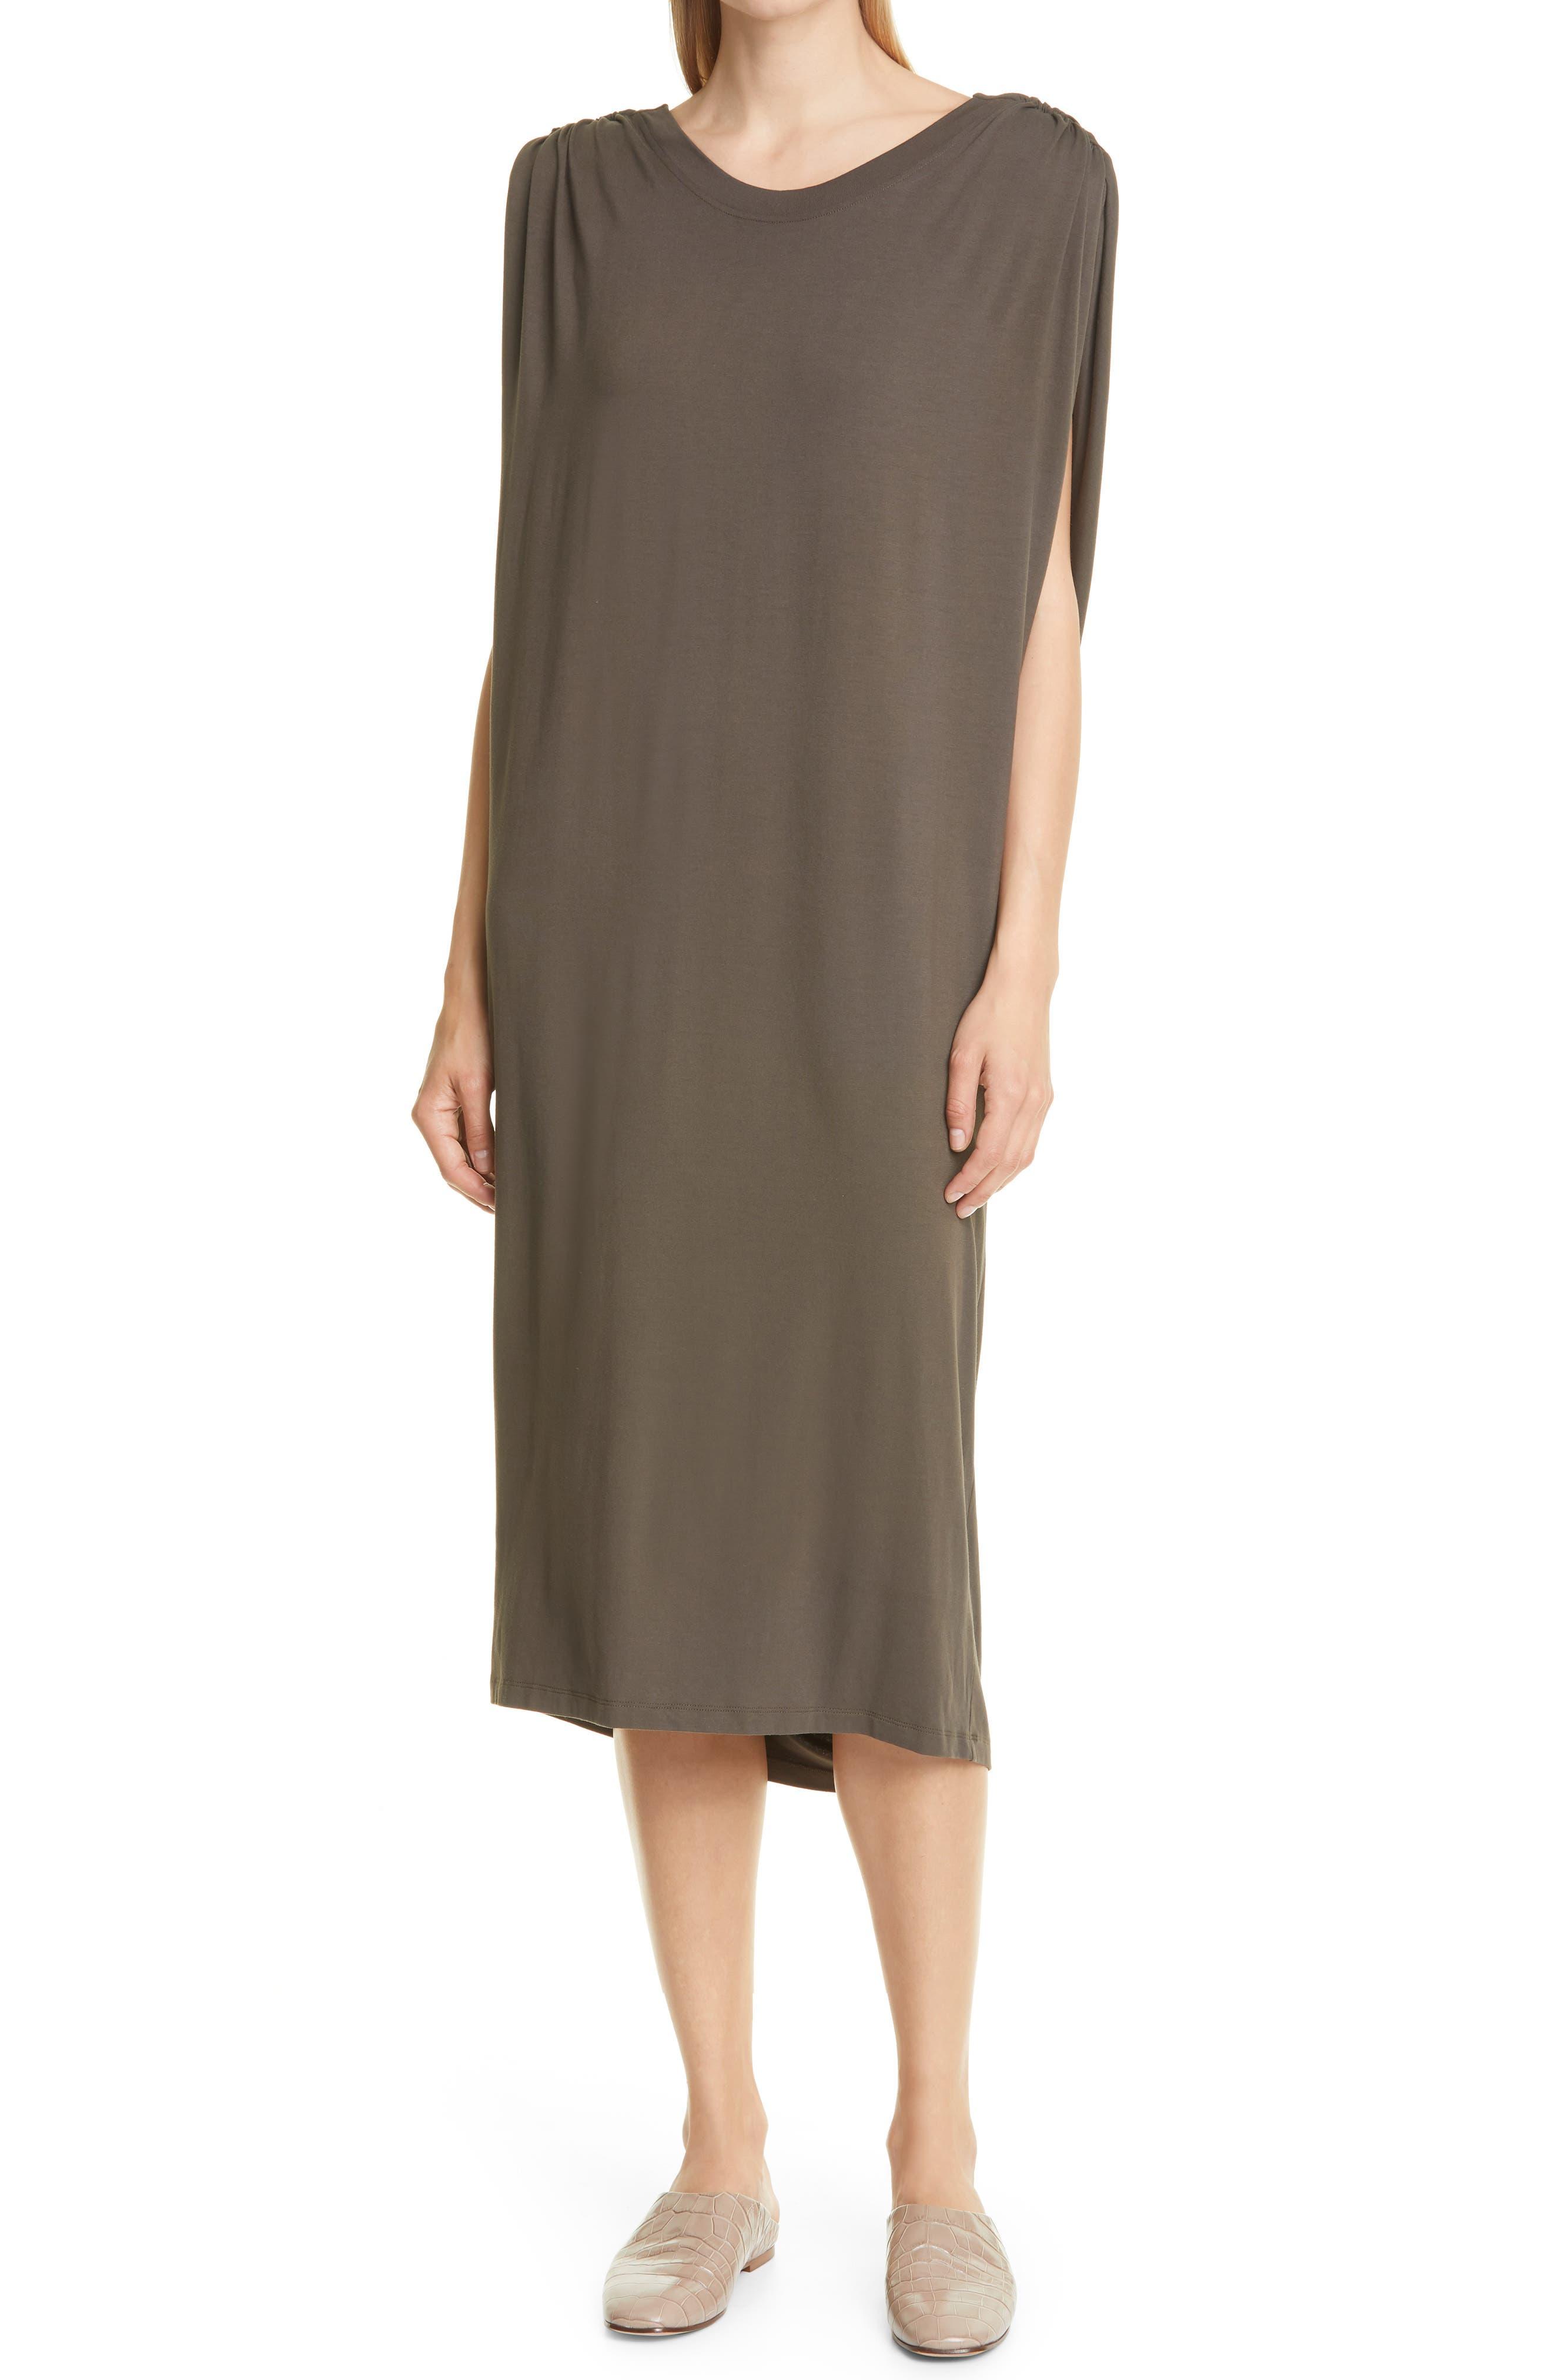 Sarah Cowl Back Dress